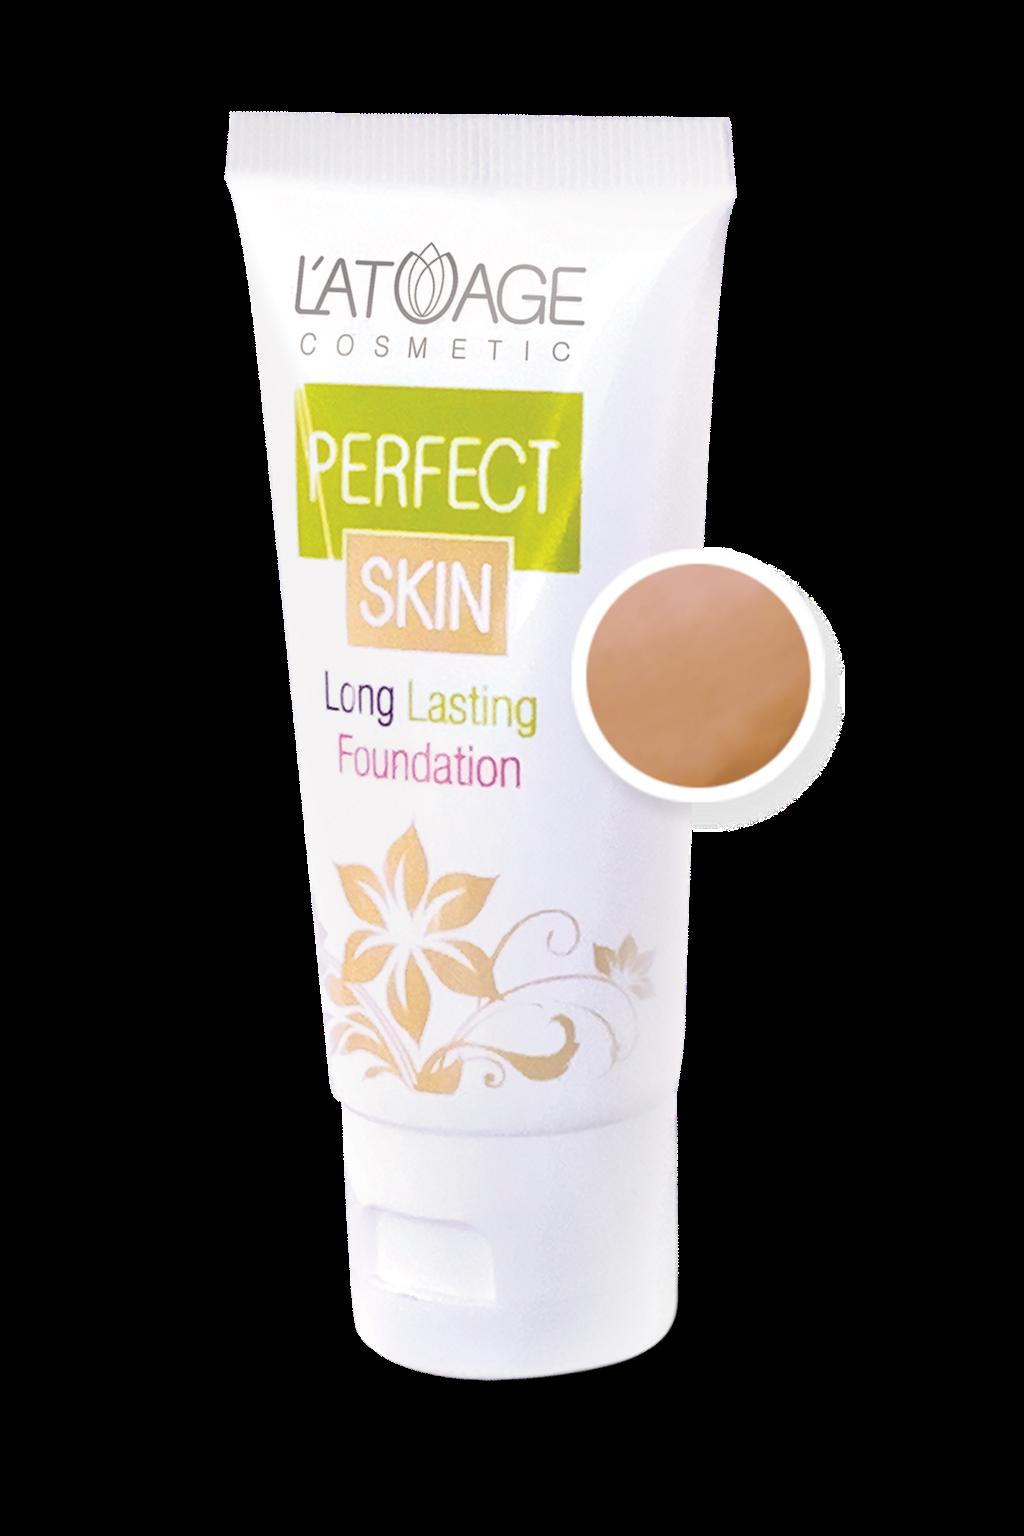 Тональный крем L'atuage Cosmetic PERFECT SKIN тон 105 легкий загар